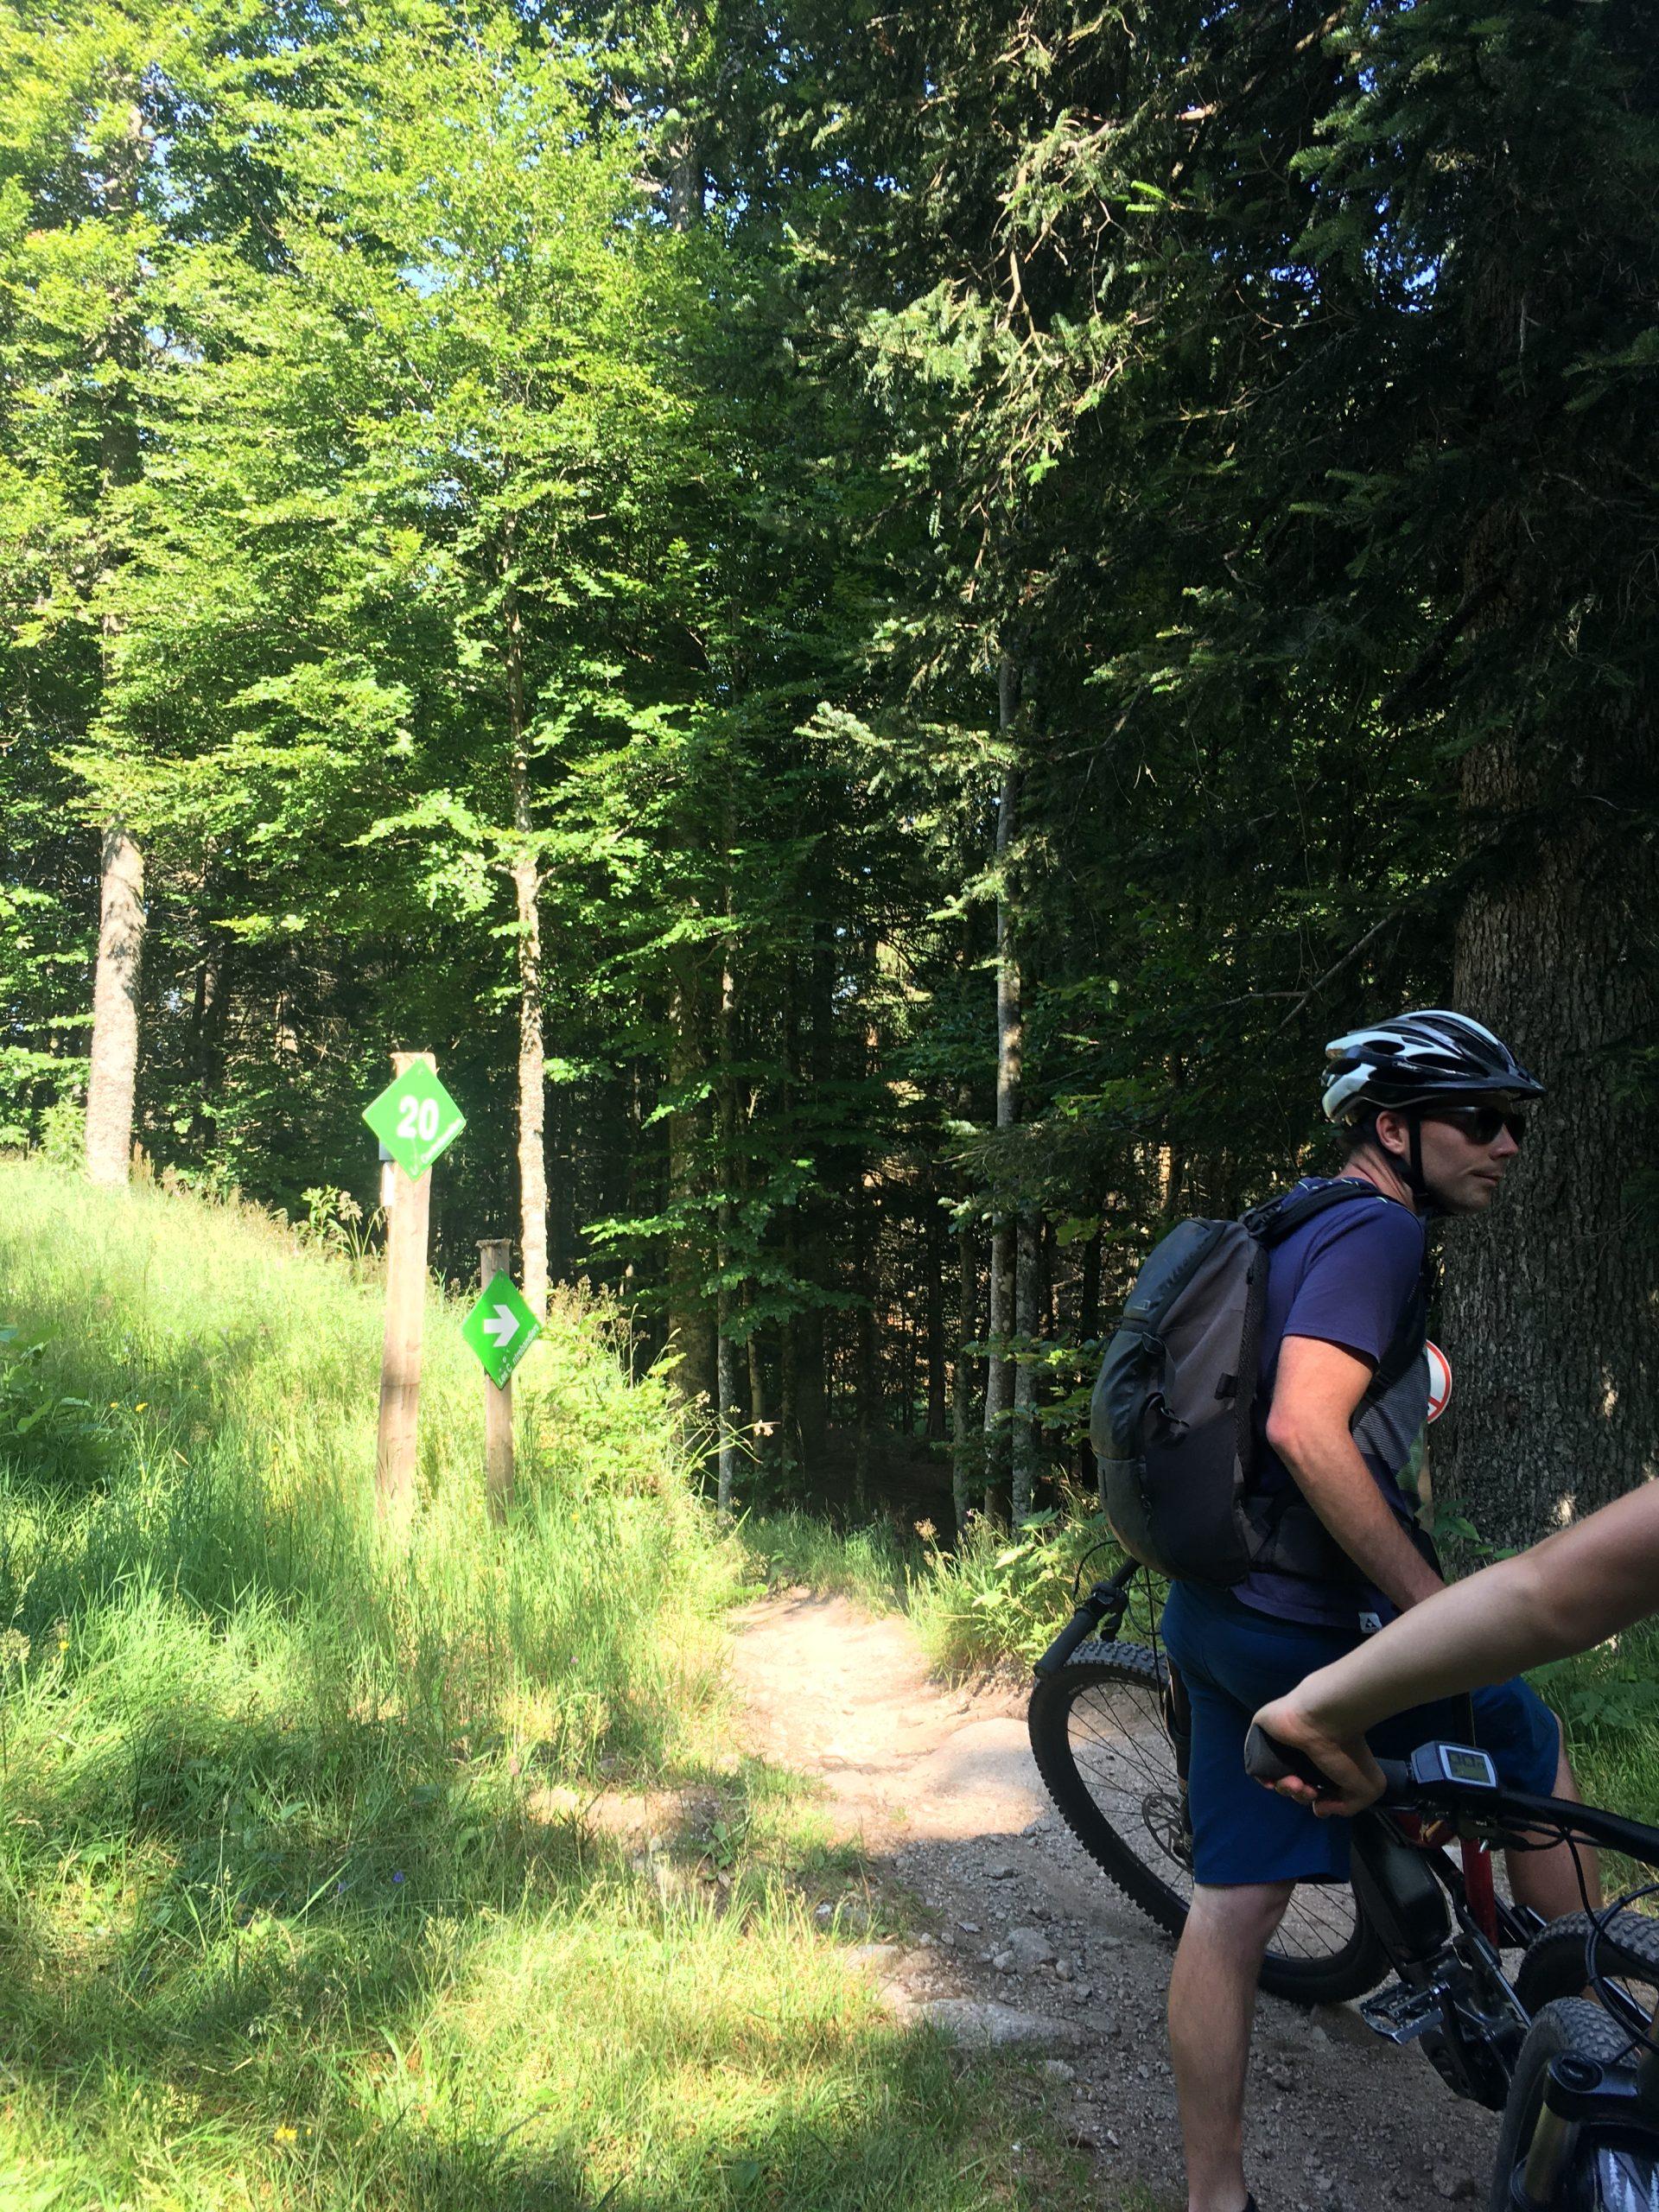 VTT à assistance électrique dans une forêt du Massif des Vosges